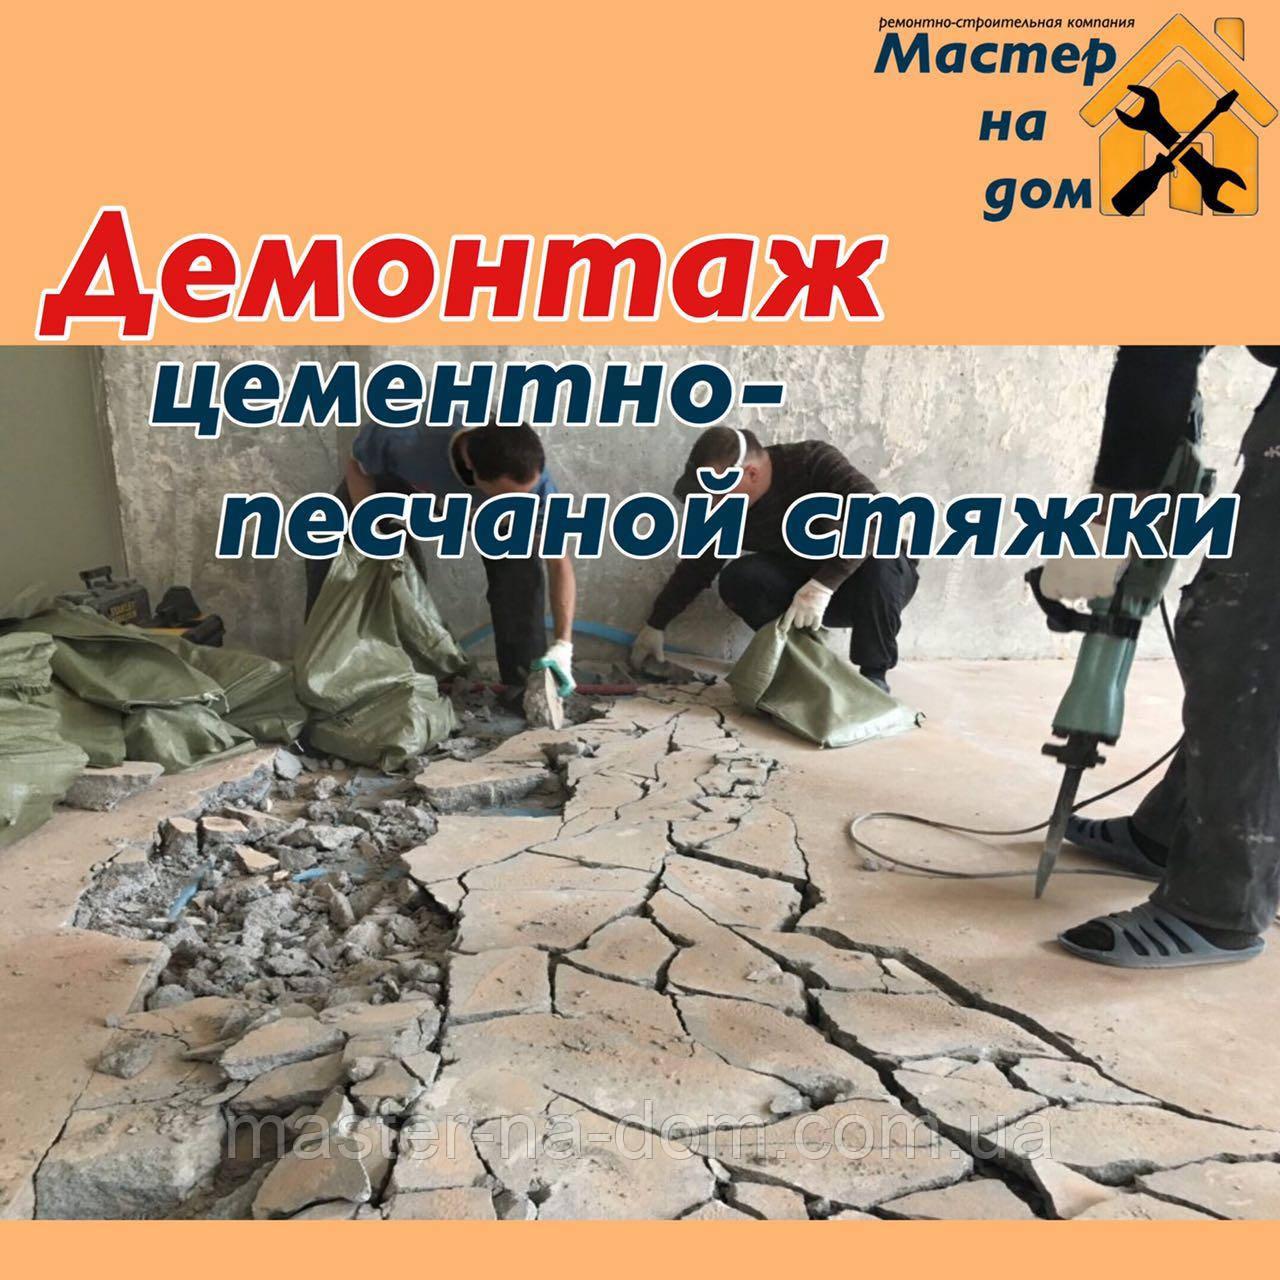 Демонтаж цементно-песчаной стяжки пола в Одессе